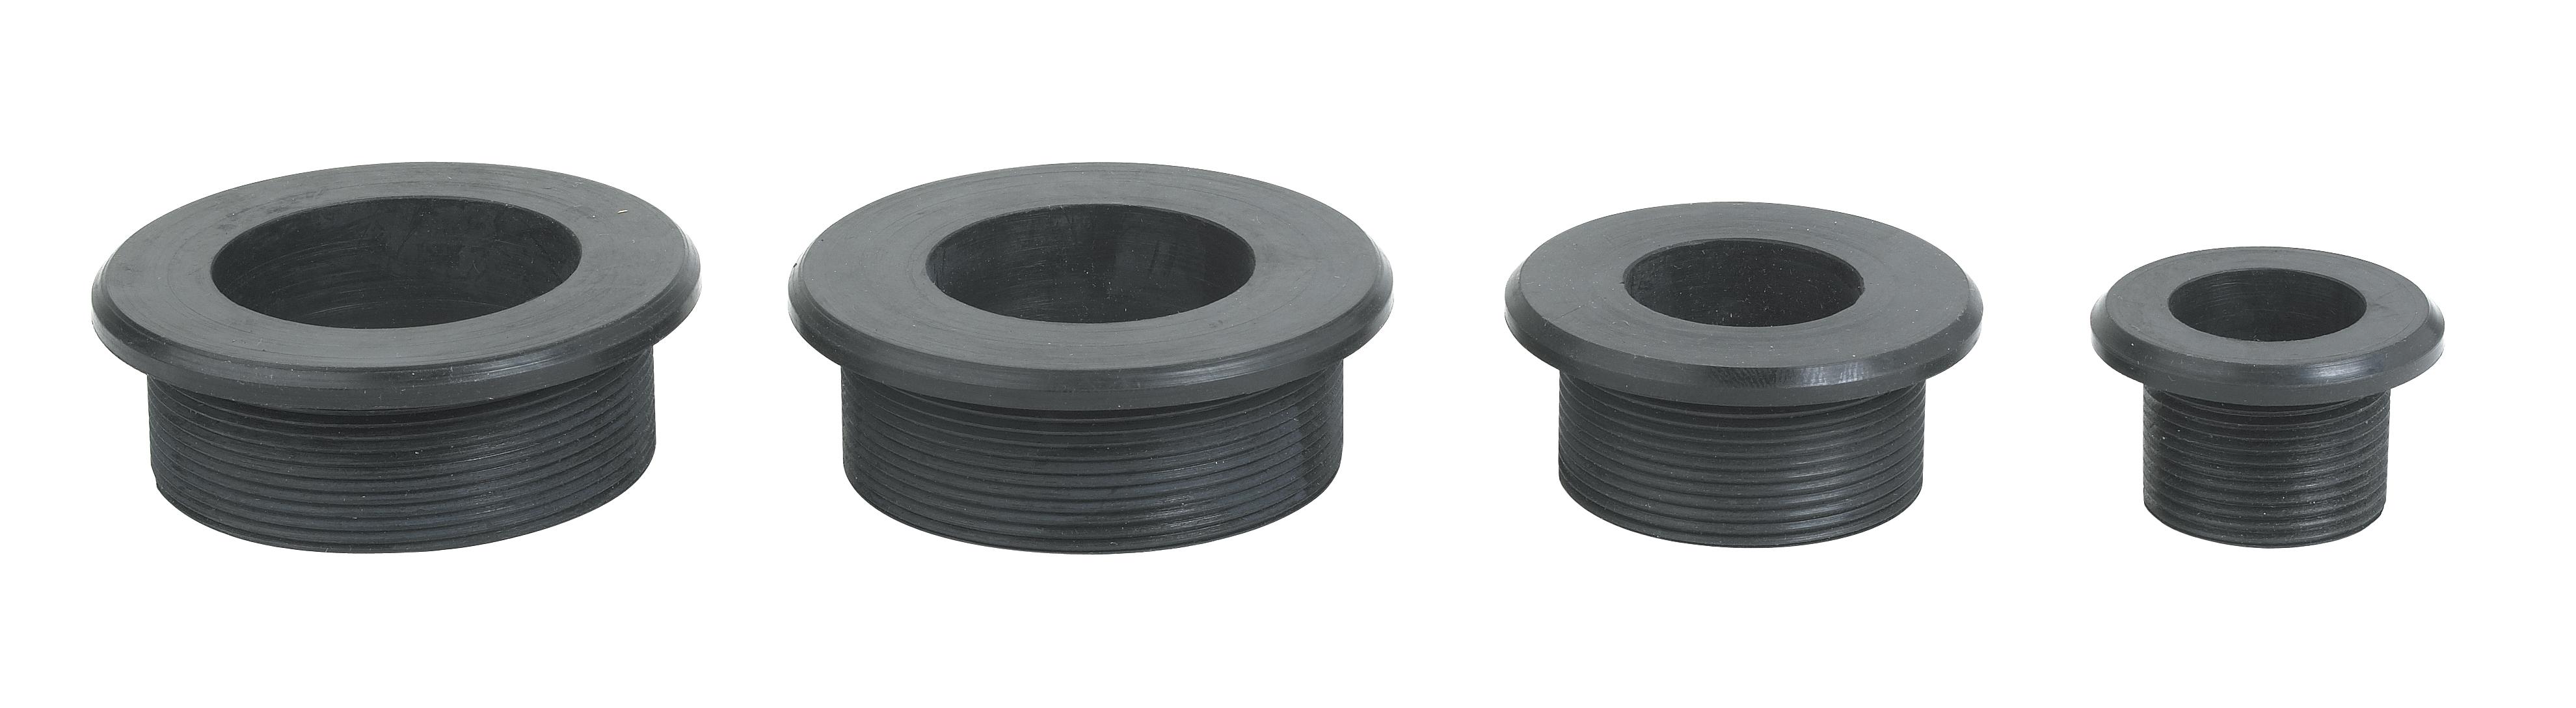 Lrb rubber bushings for tube pipe lenz